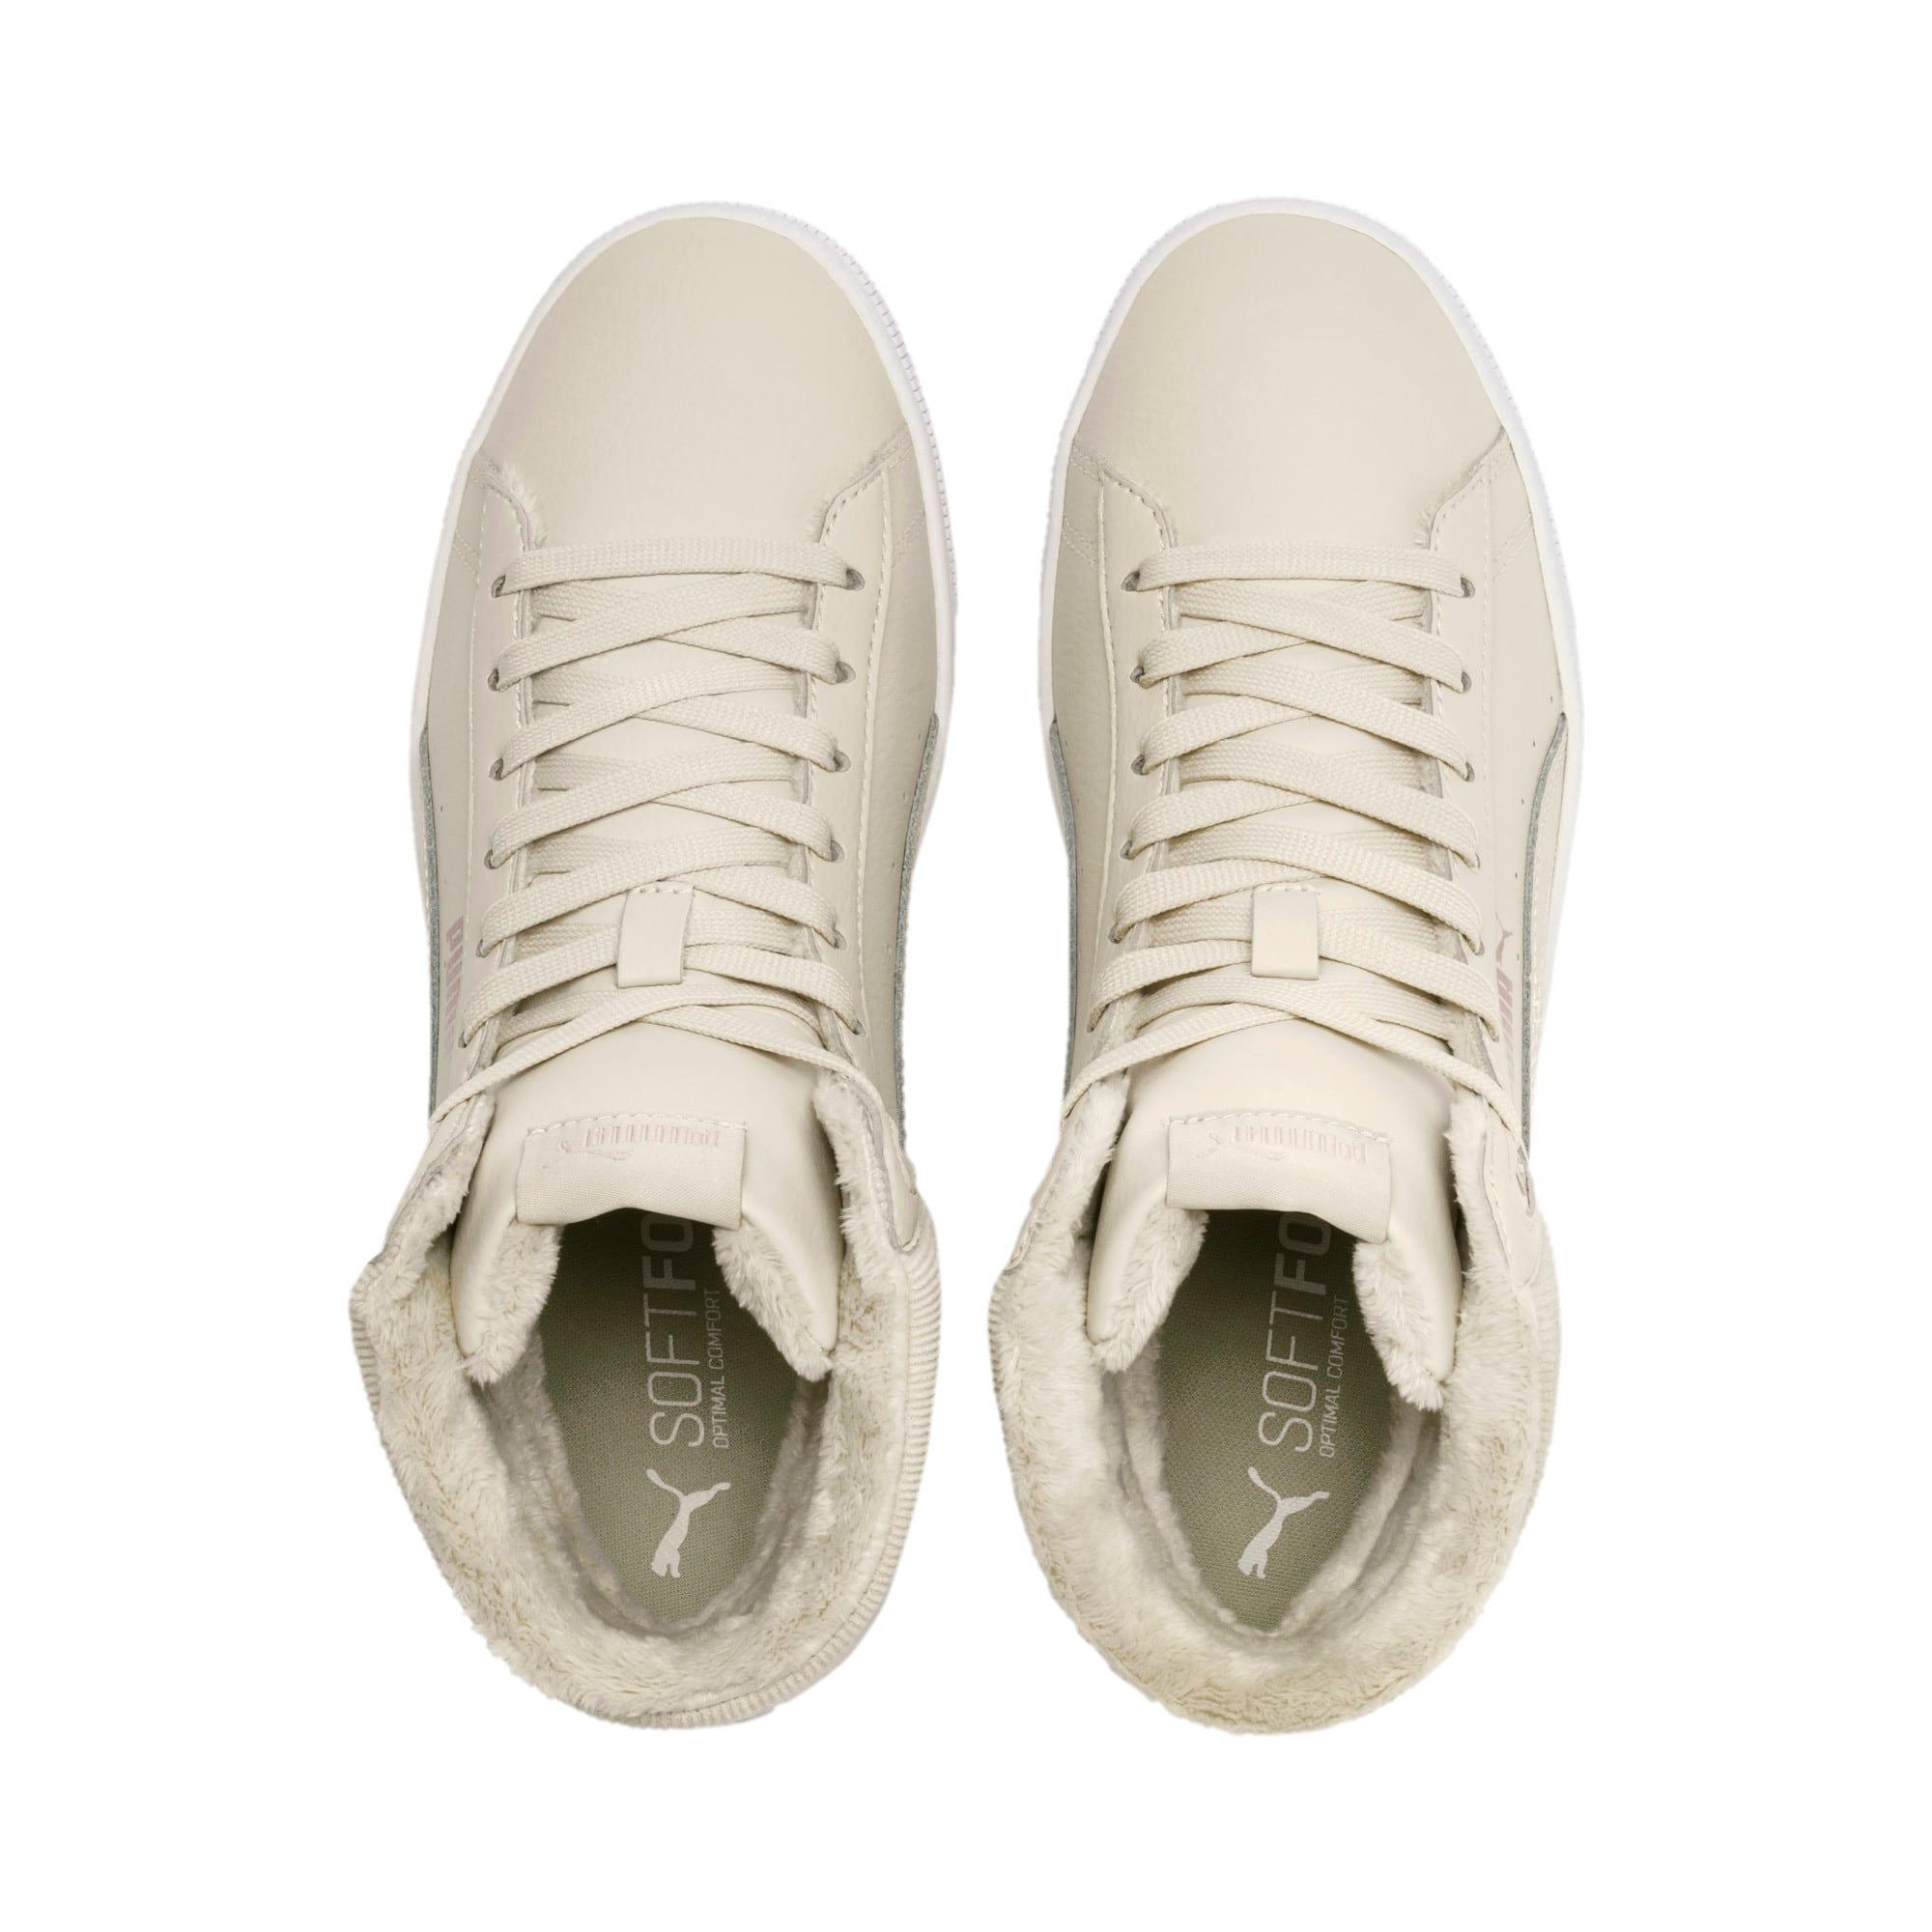 Thumbnail 7 of PUMA Vikky v2 Mid Winter Women's Sneakers, Overcast-Rose Gold-White, medium